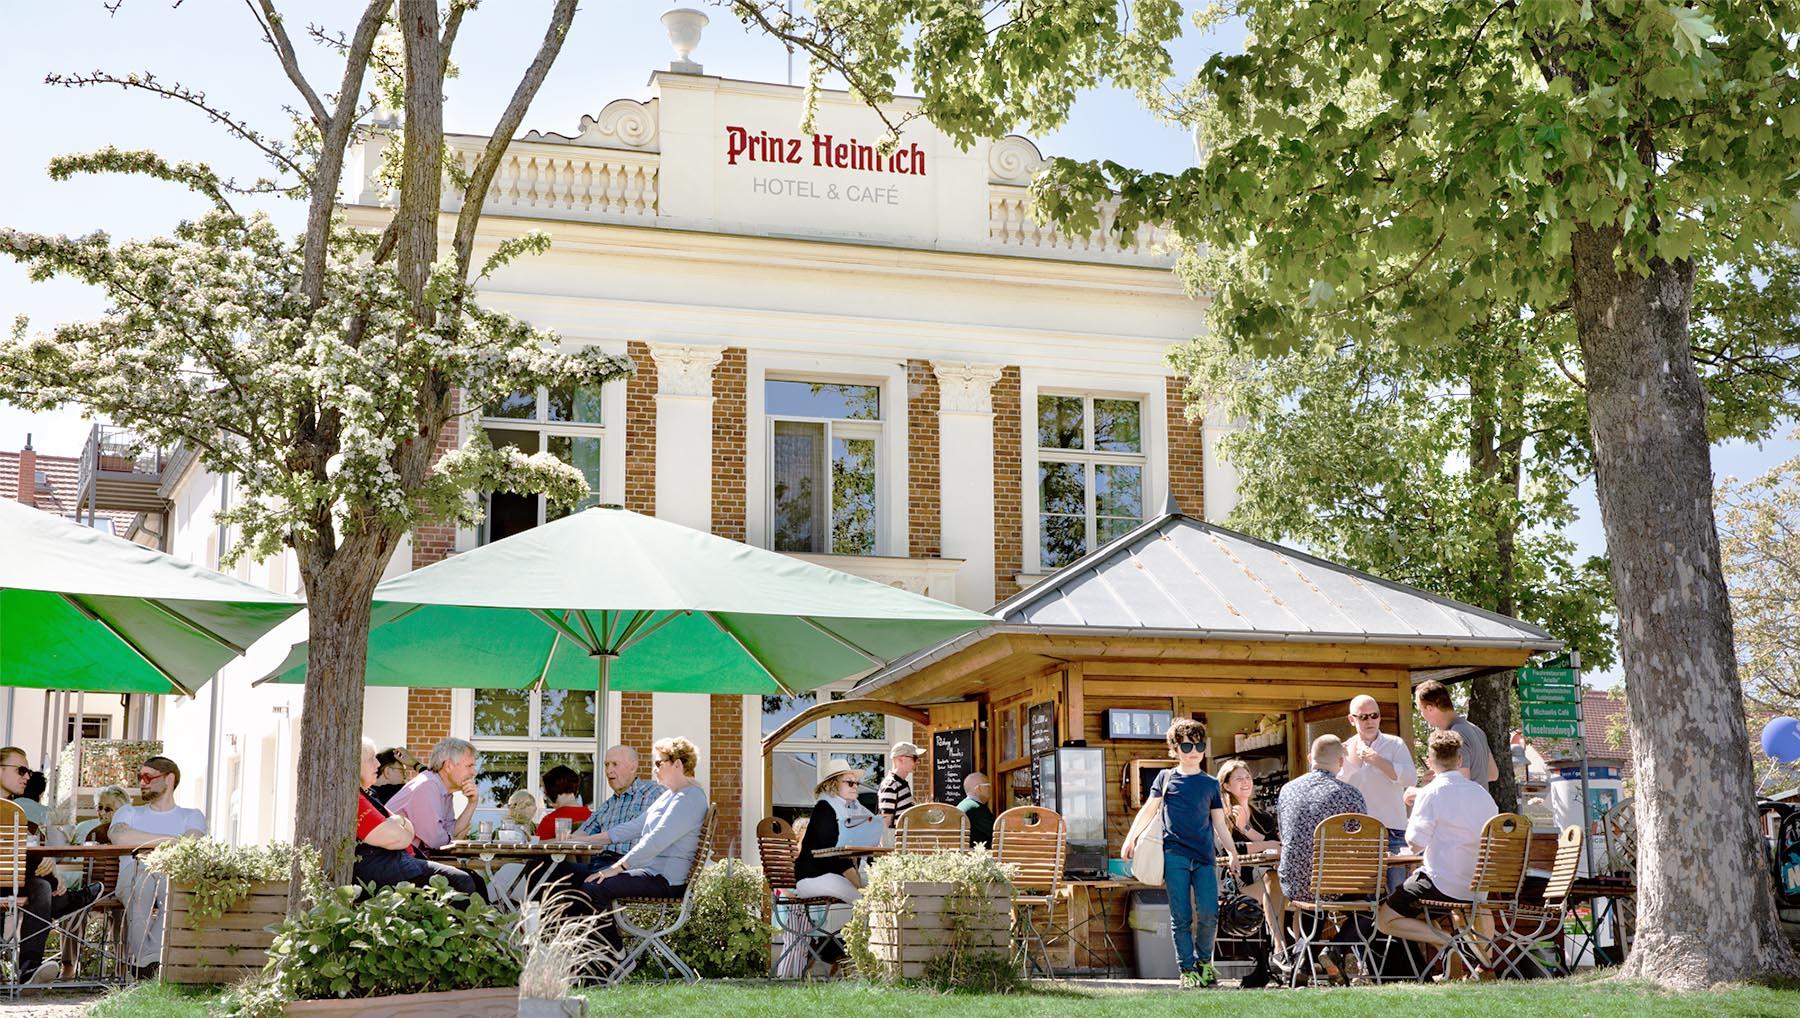 Café-Hotel-Werder-an-der-Havel-Seehotel-Prinz-Heinrich